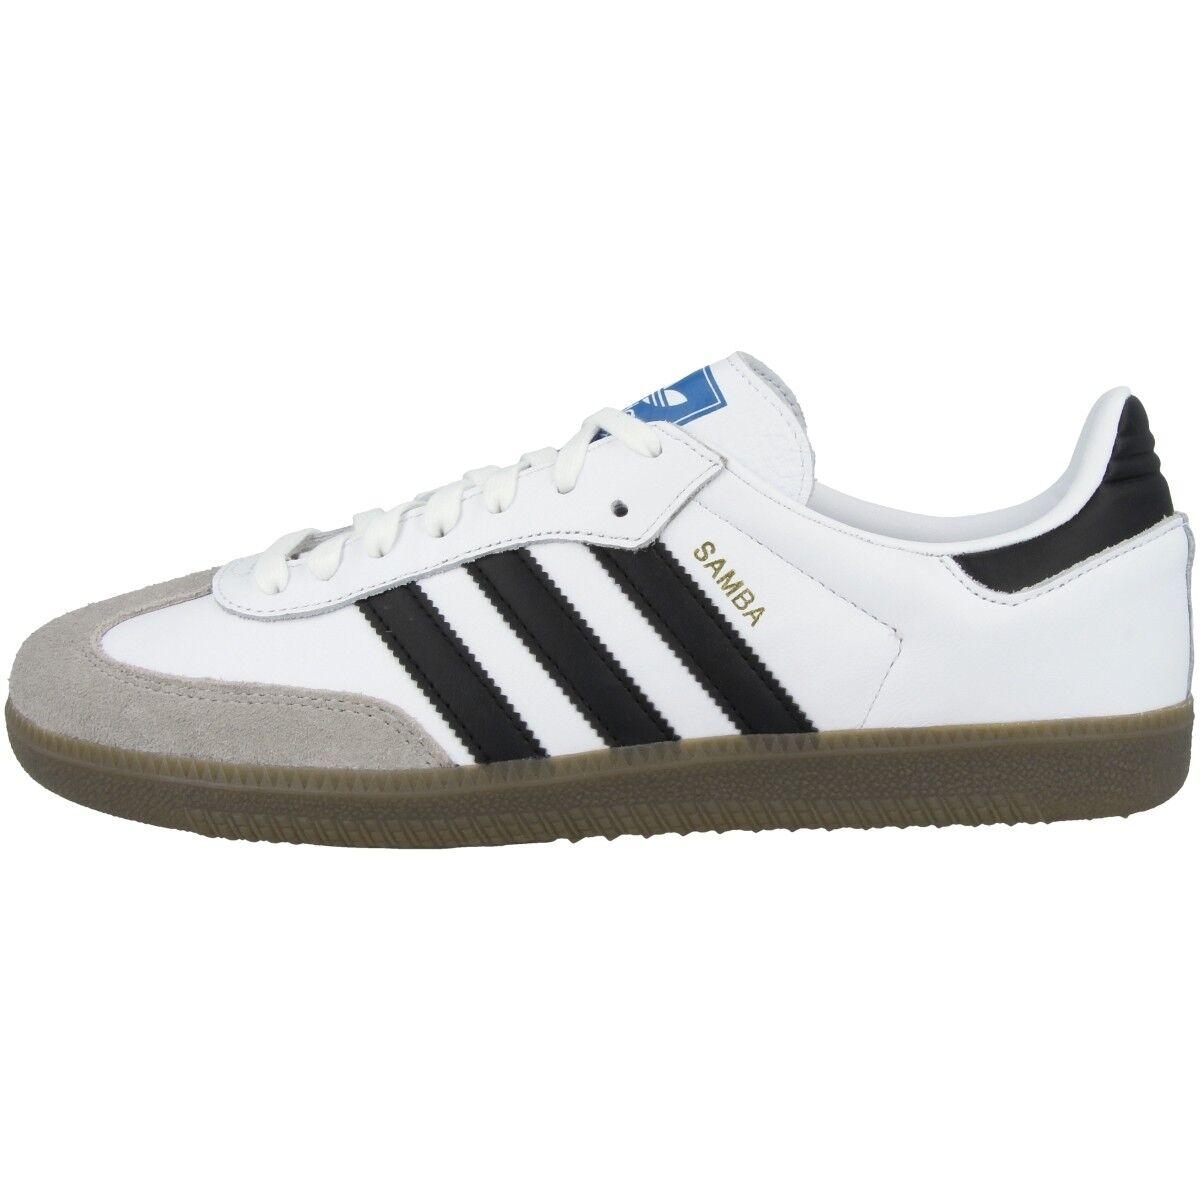 Adidas Samba OG Schuhe Original Turnschuhe Sport Freizeit Turnschuhe Weiß B75806